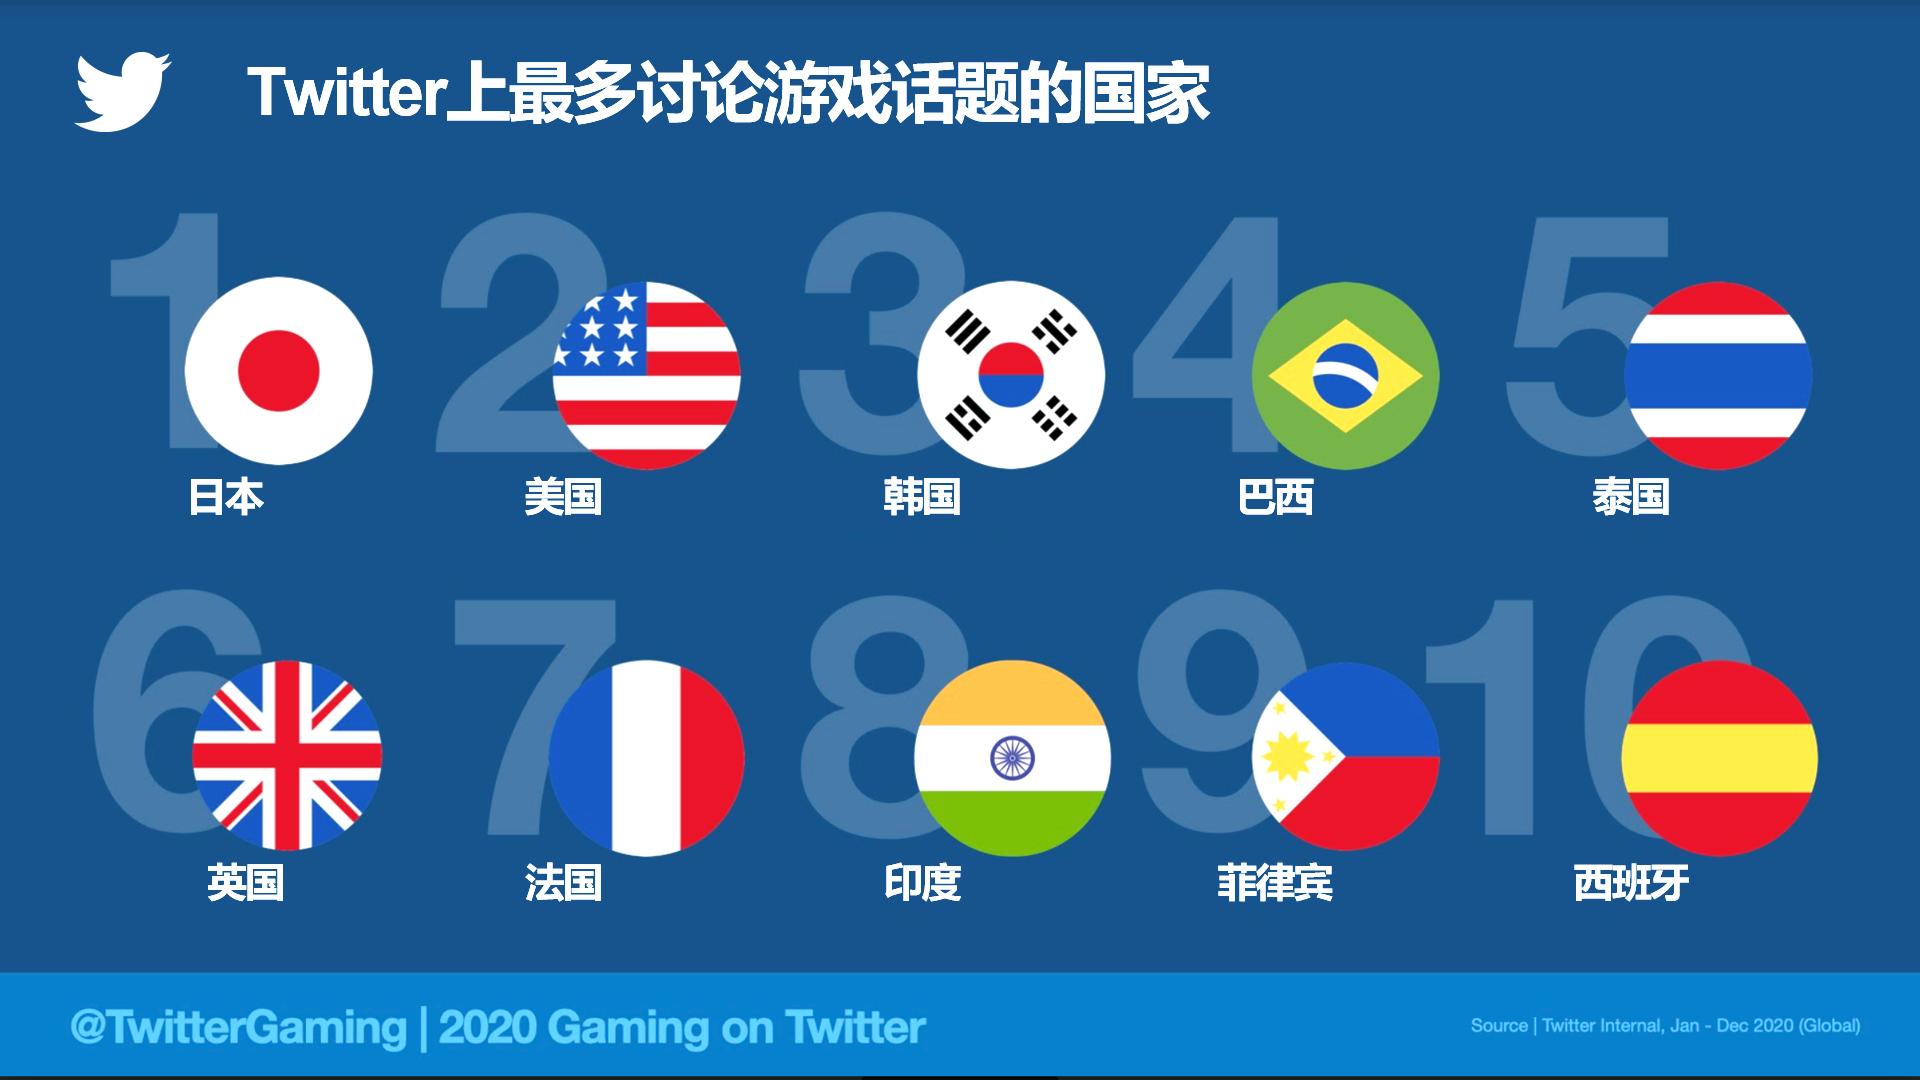 Twitter全球对话背后,藏着游戏界的2020